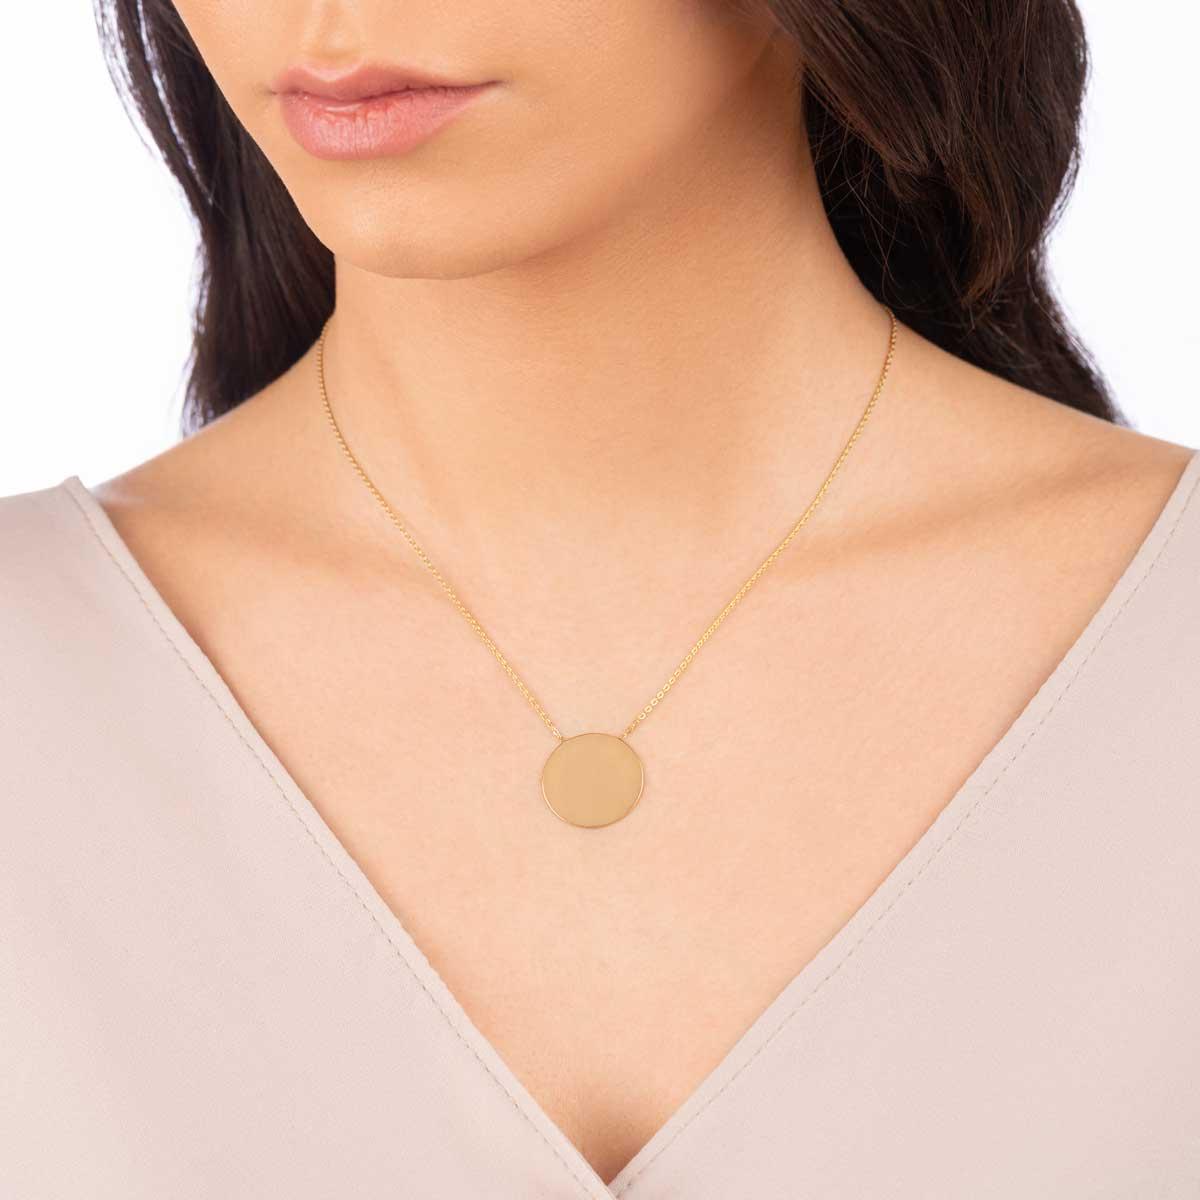 گردنبند طلا حکاکی دایره بزرگ